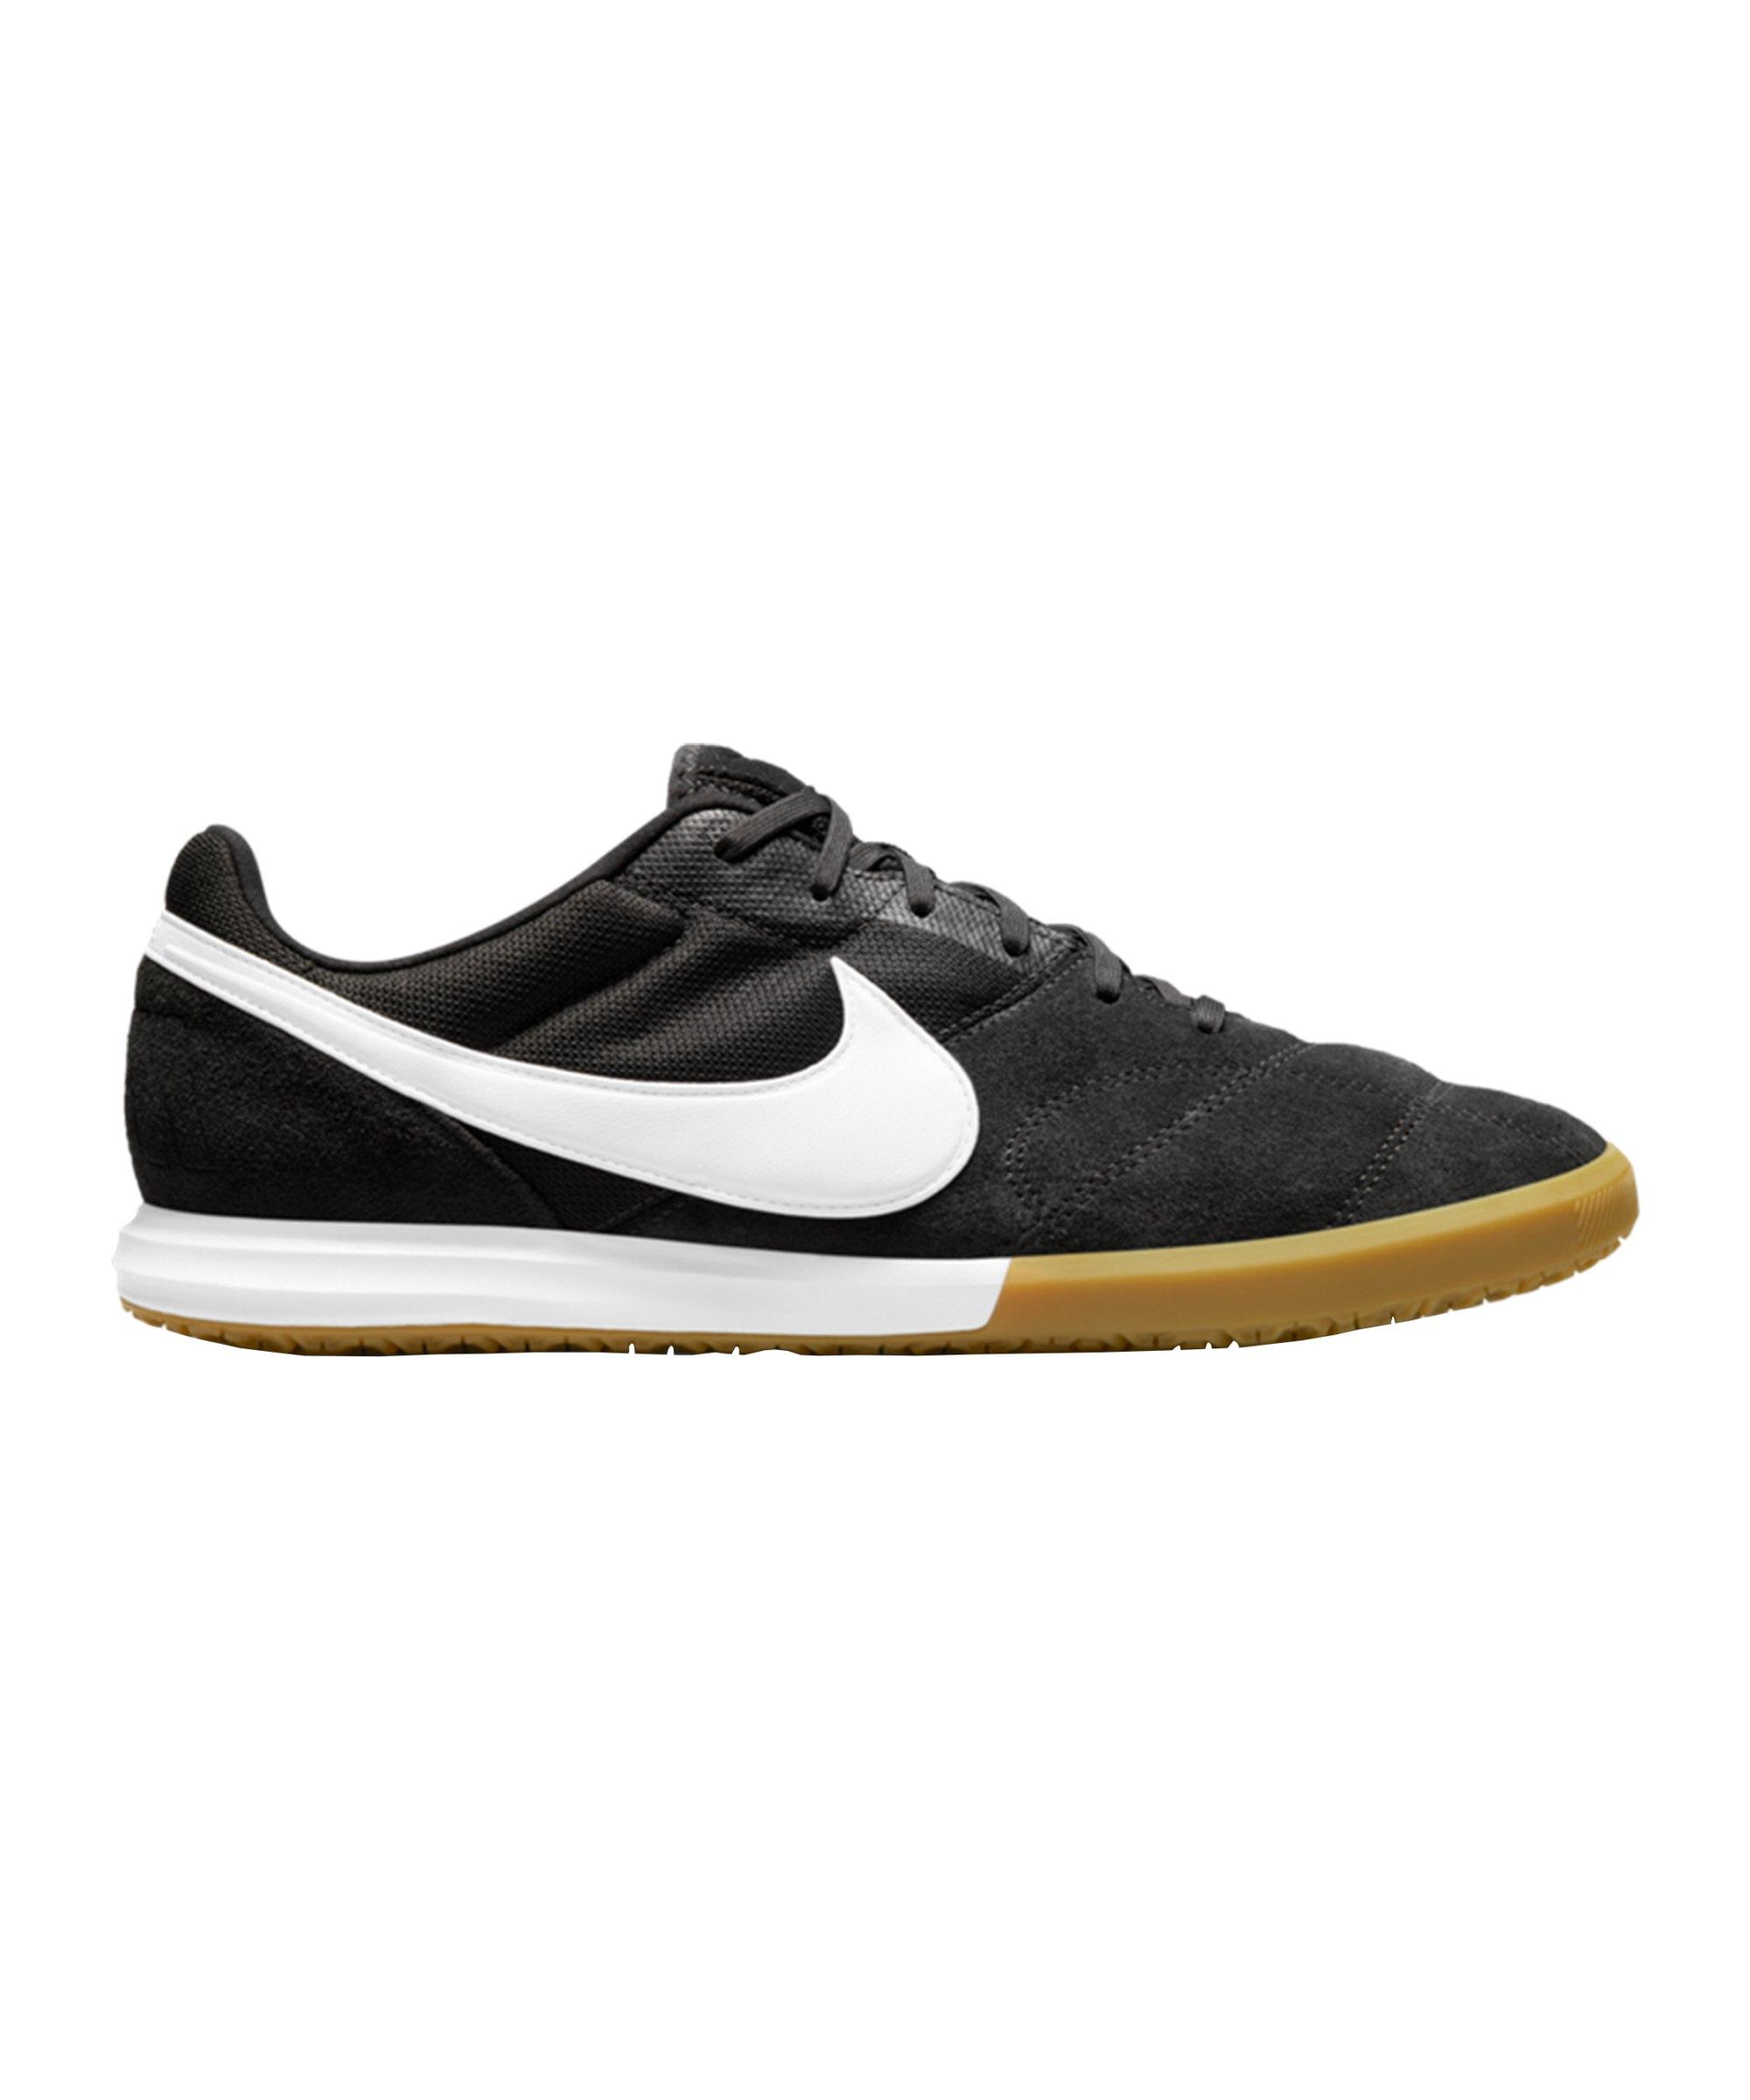 Nike Premier II Sala IC Schwarz Weiss Braun F019 - schwarz